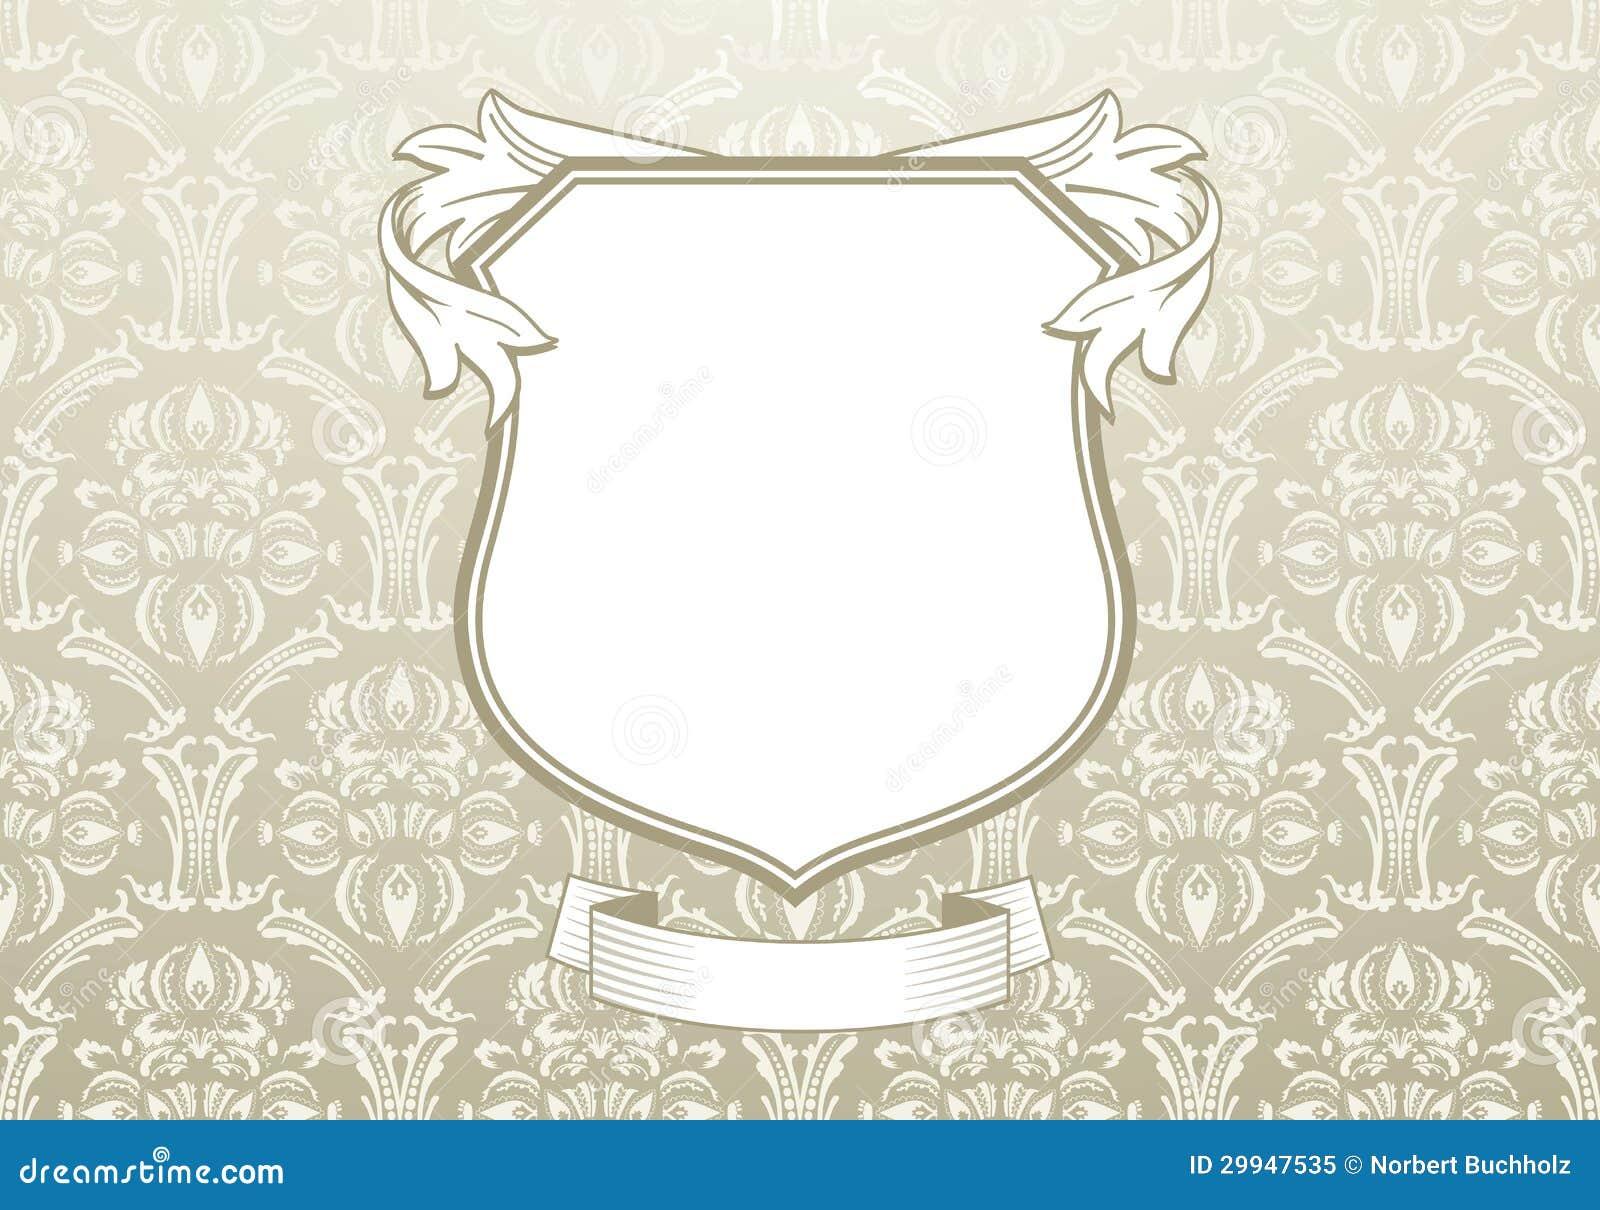 bouclier vide photo libre de droits image 29947535. Black Bedroom Furniture Sets. Home Design Ideas